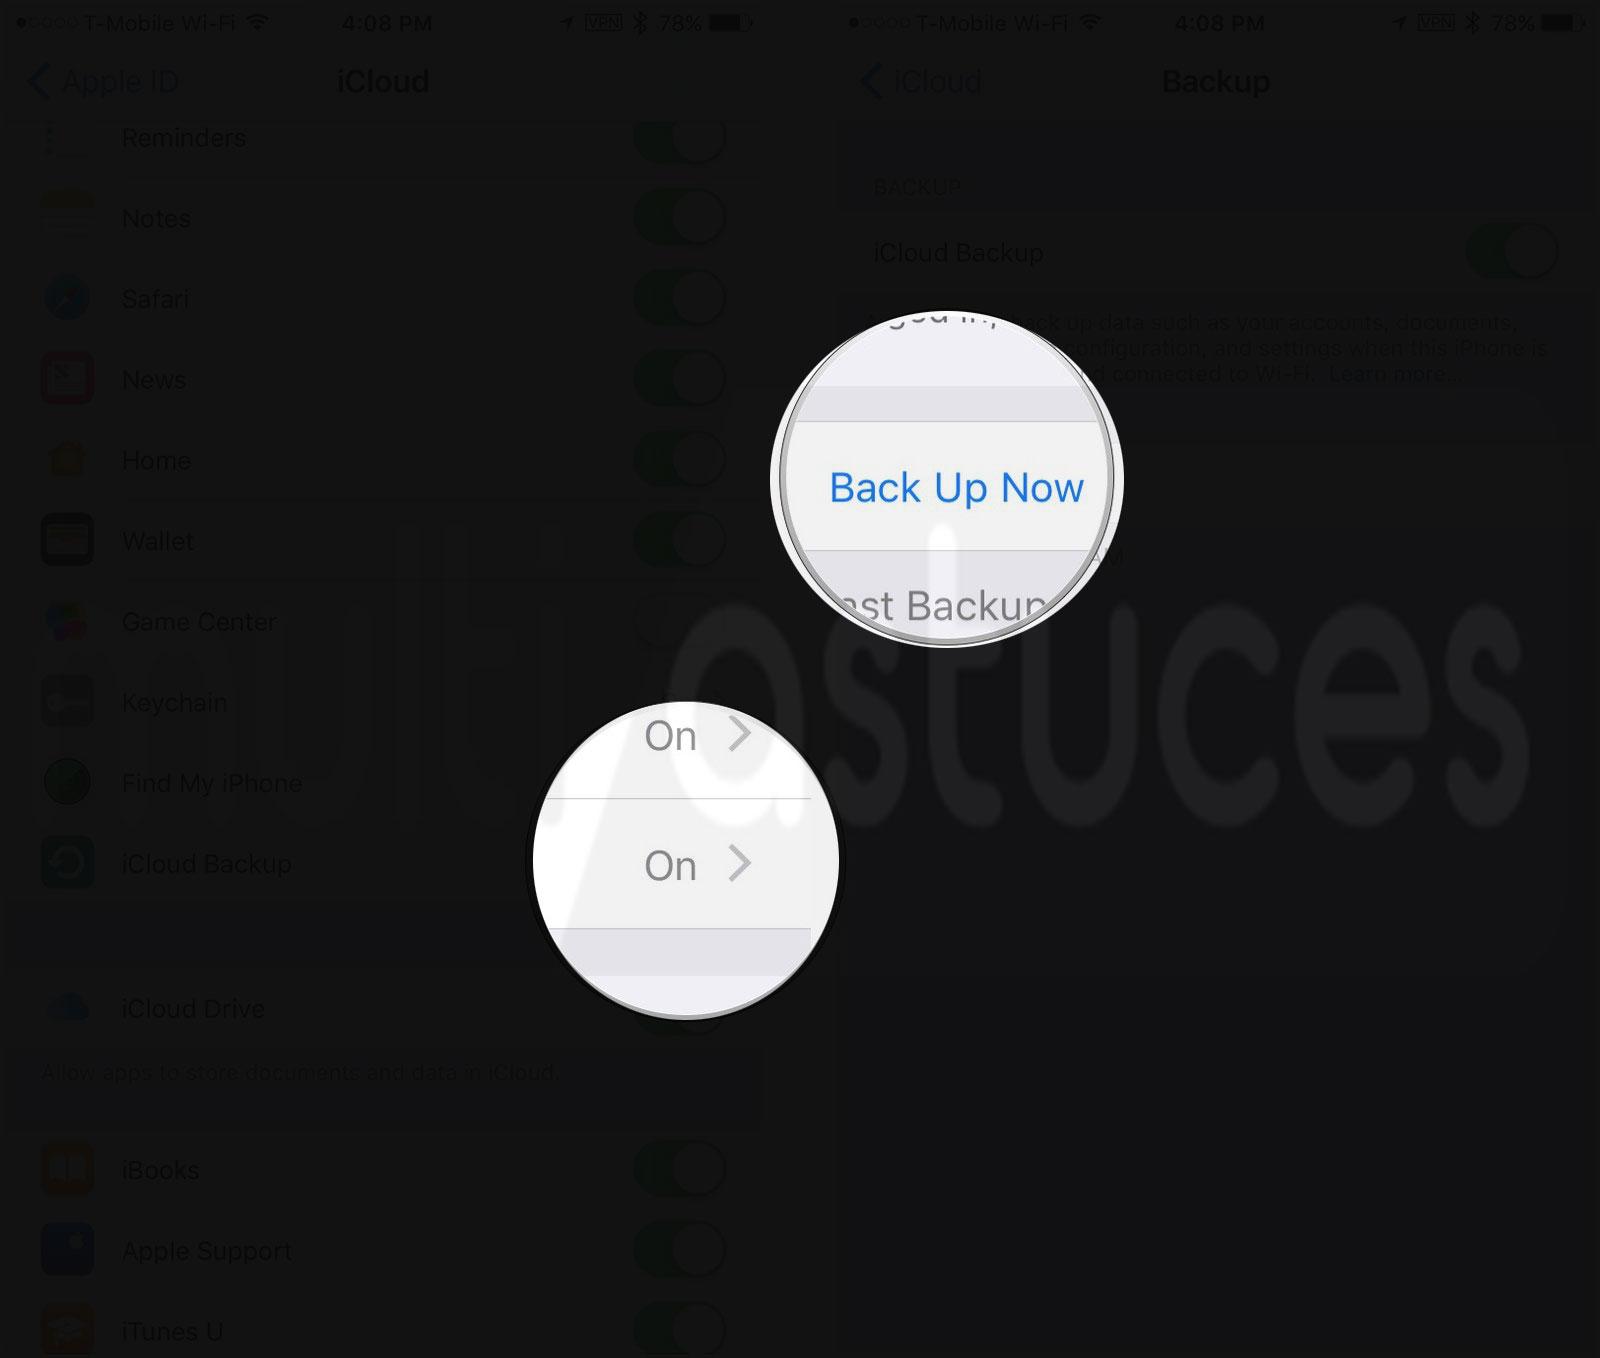 réinitialiser votre iPhone 7